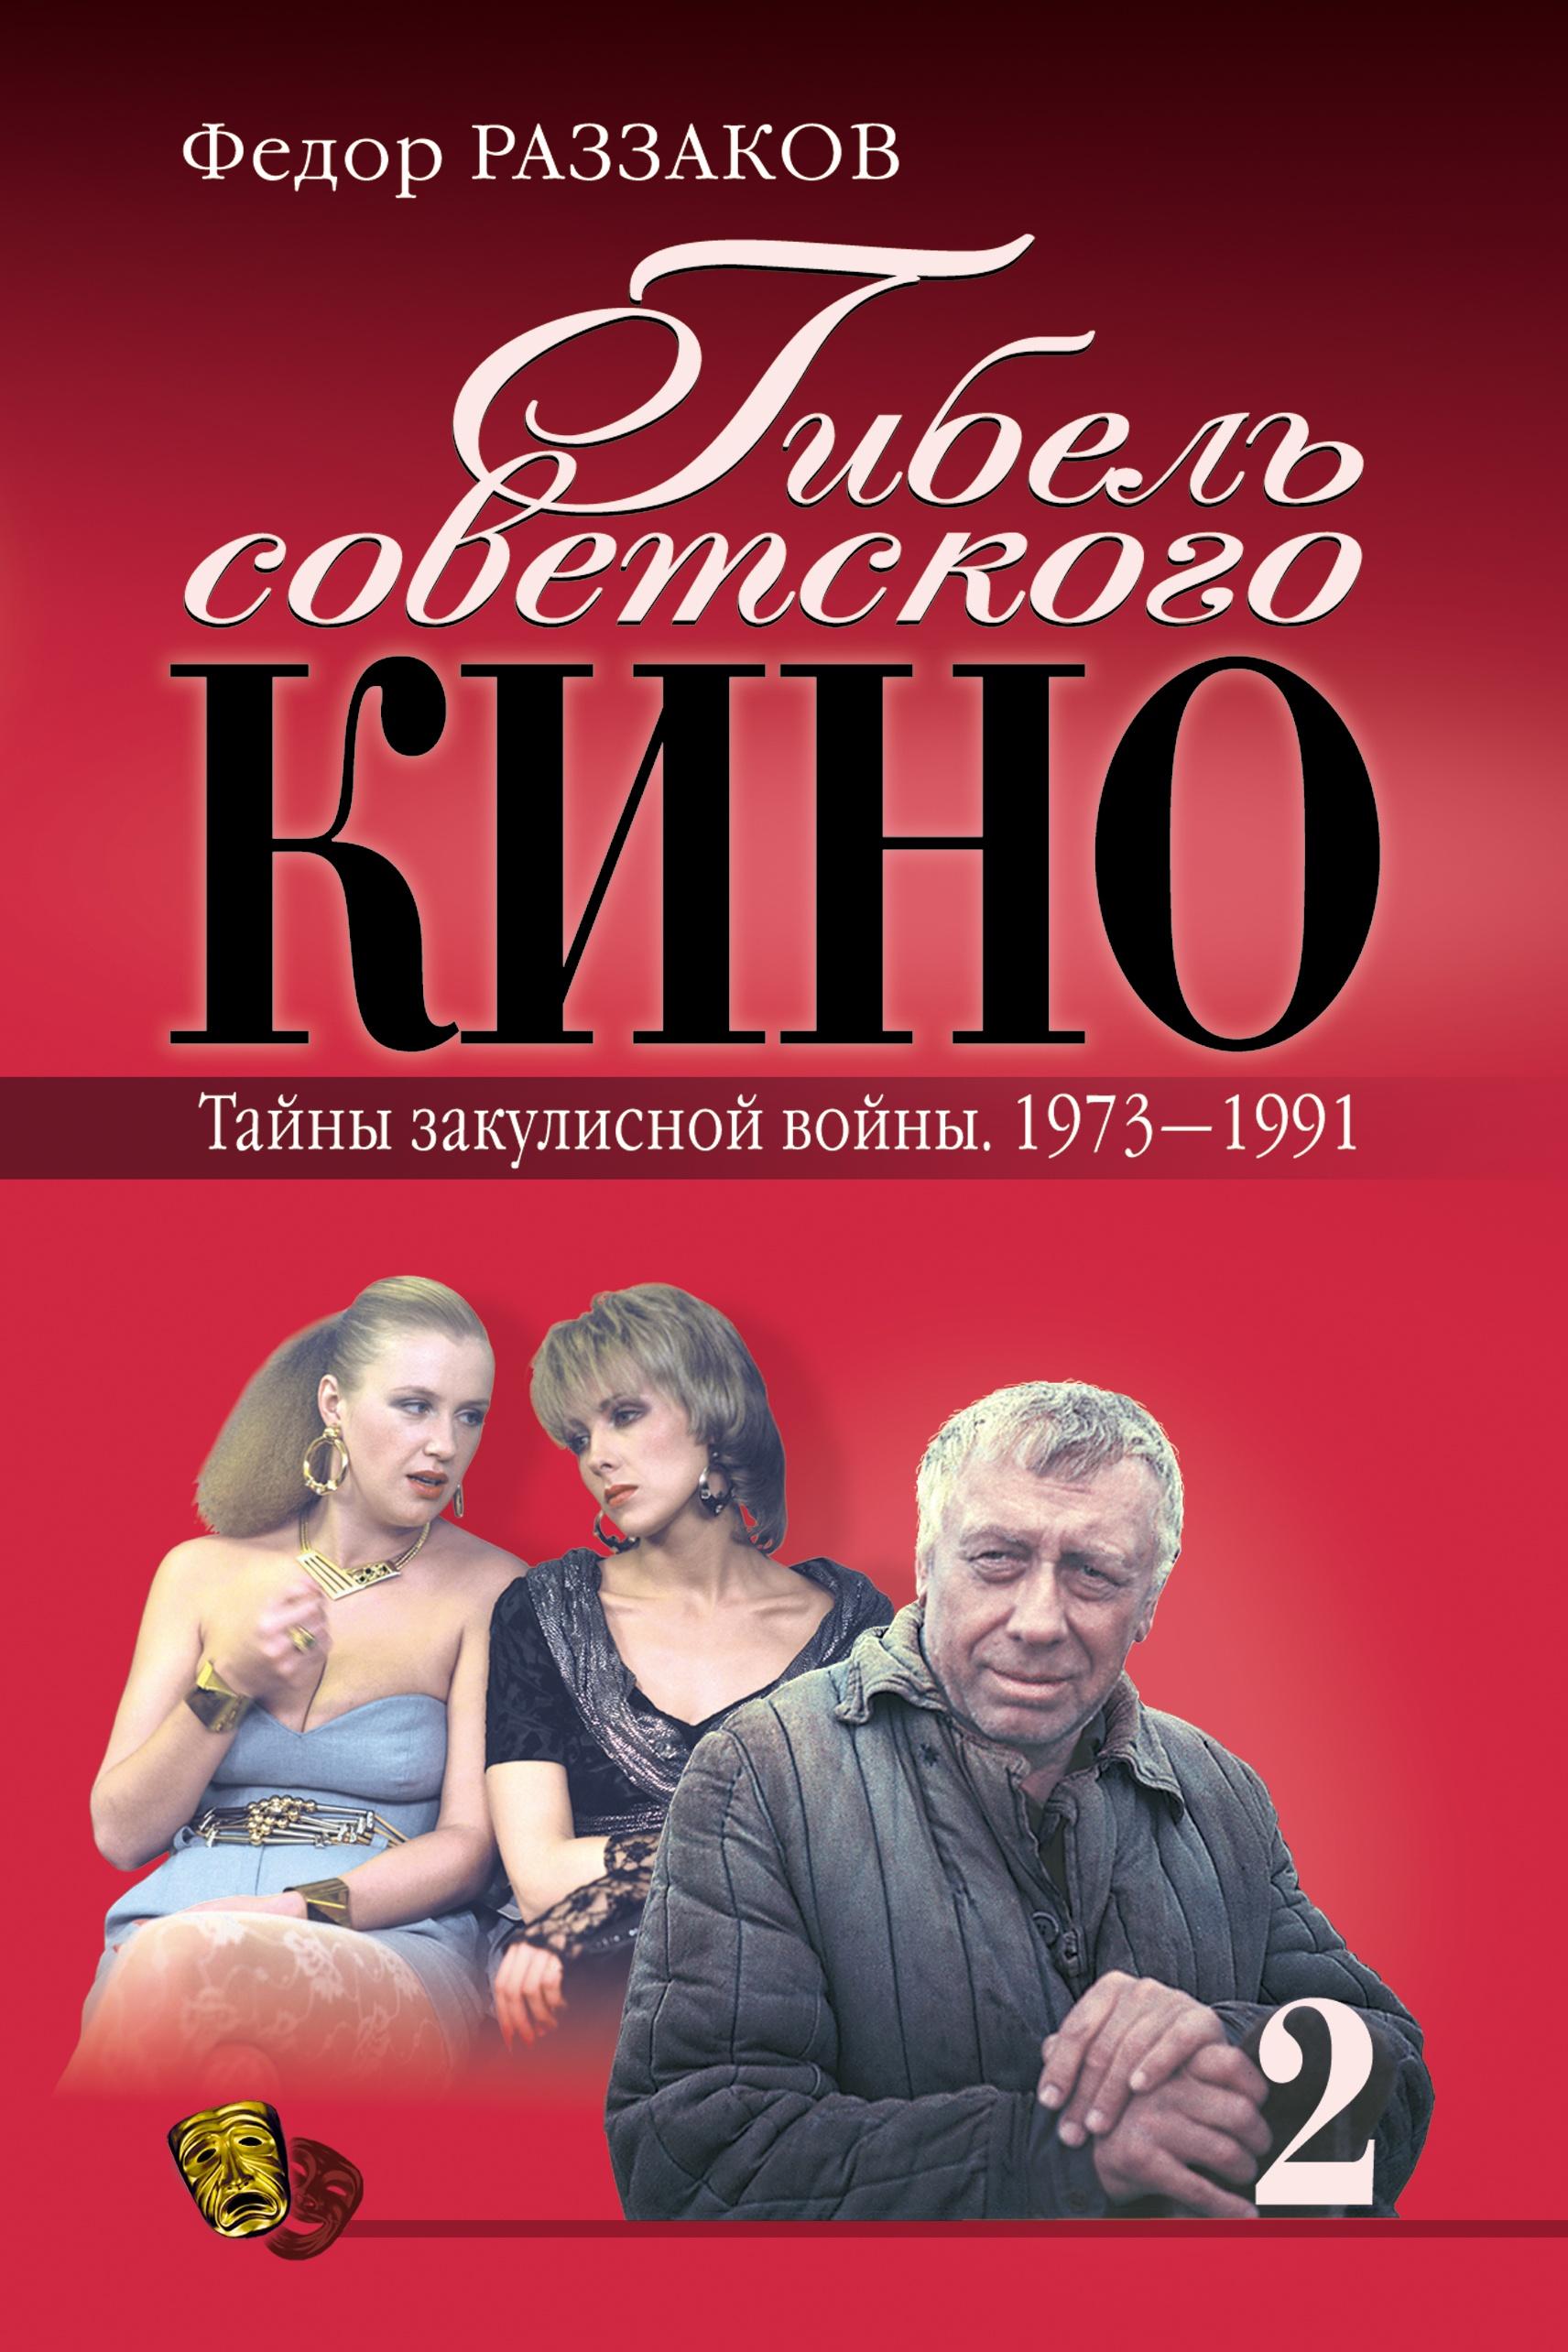 Федор Раззаков Гибель советского кино. Тайна закулисной войны. 1973-1991